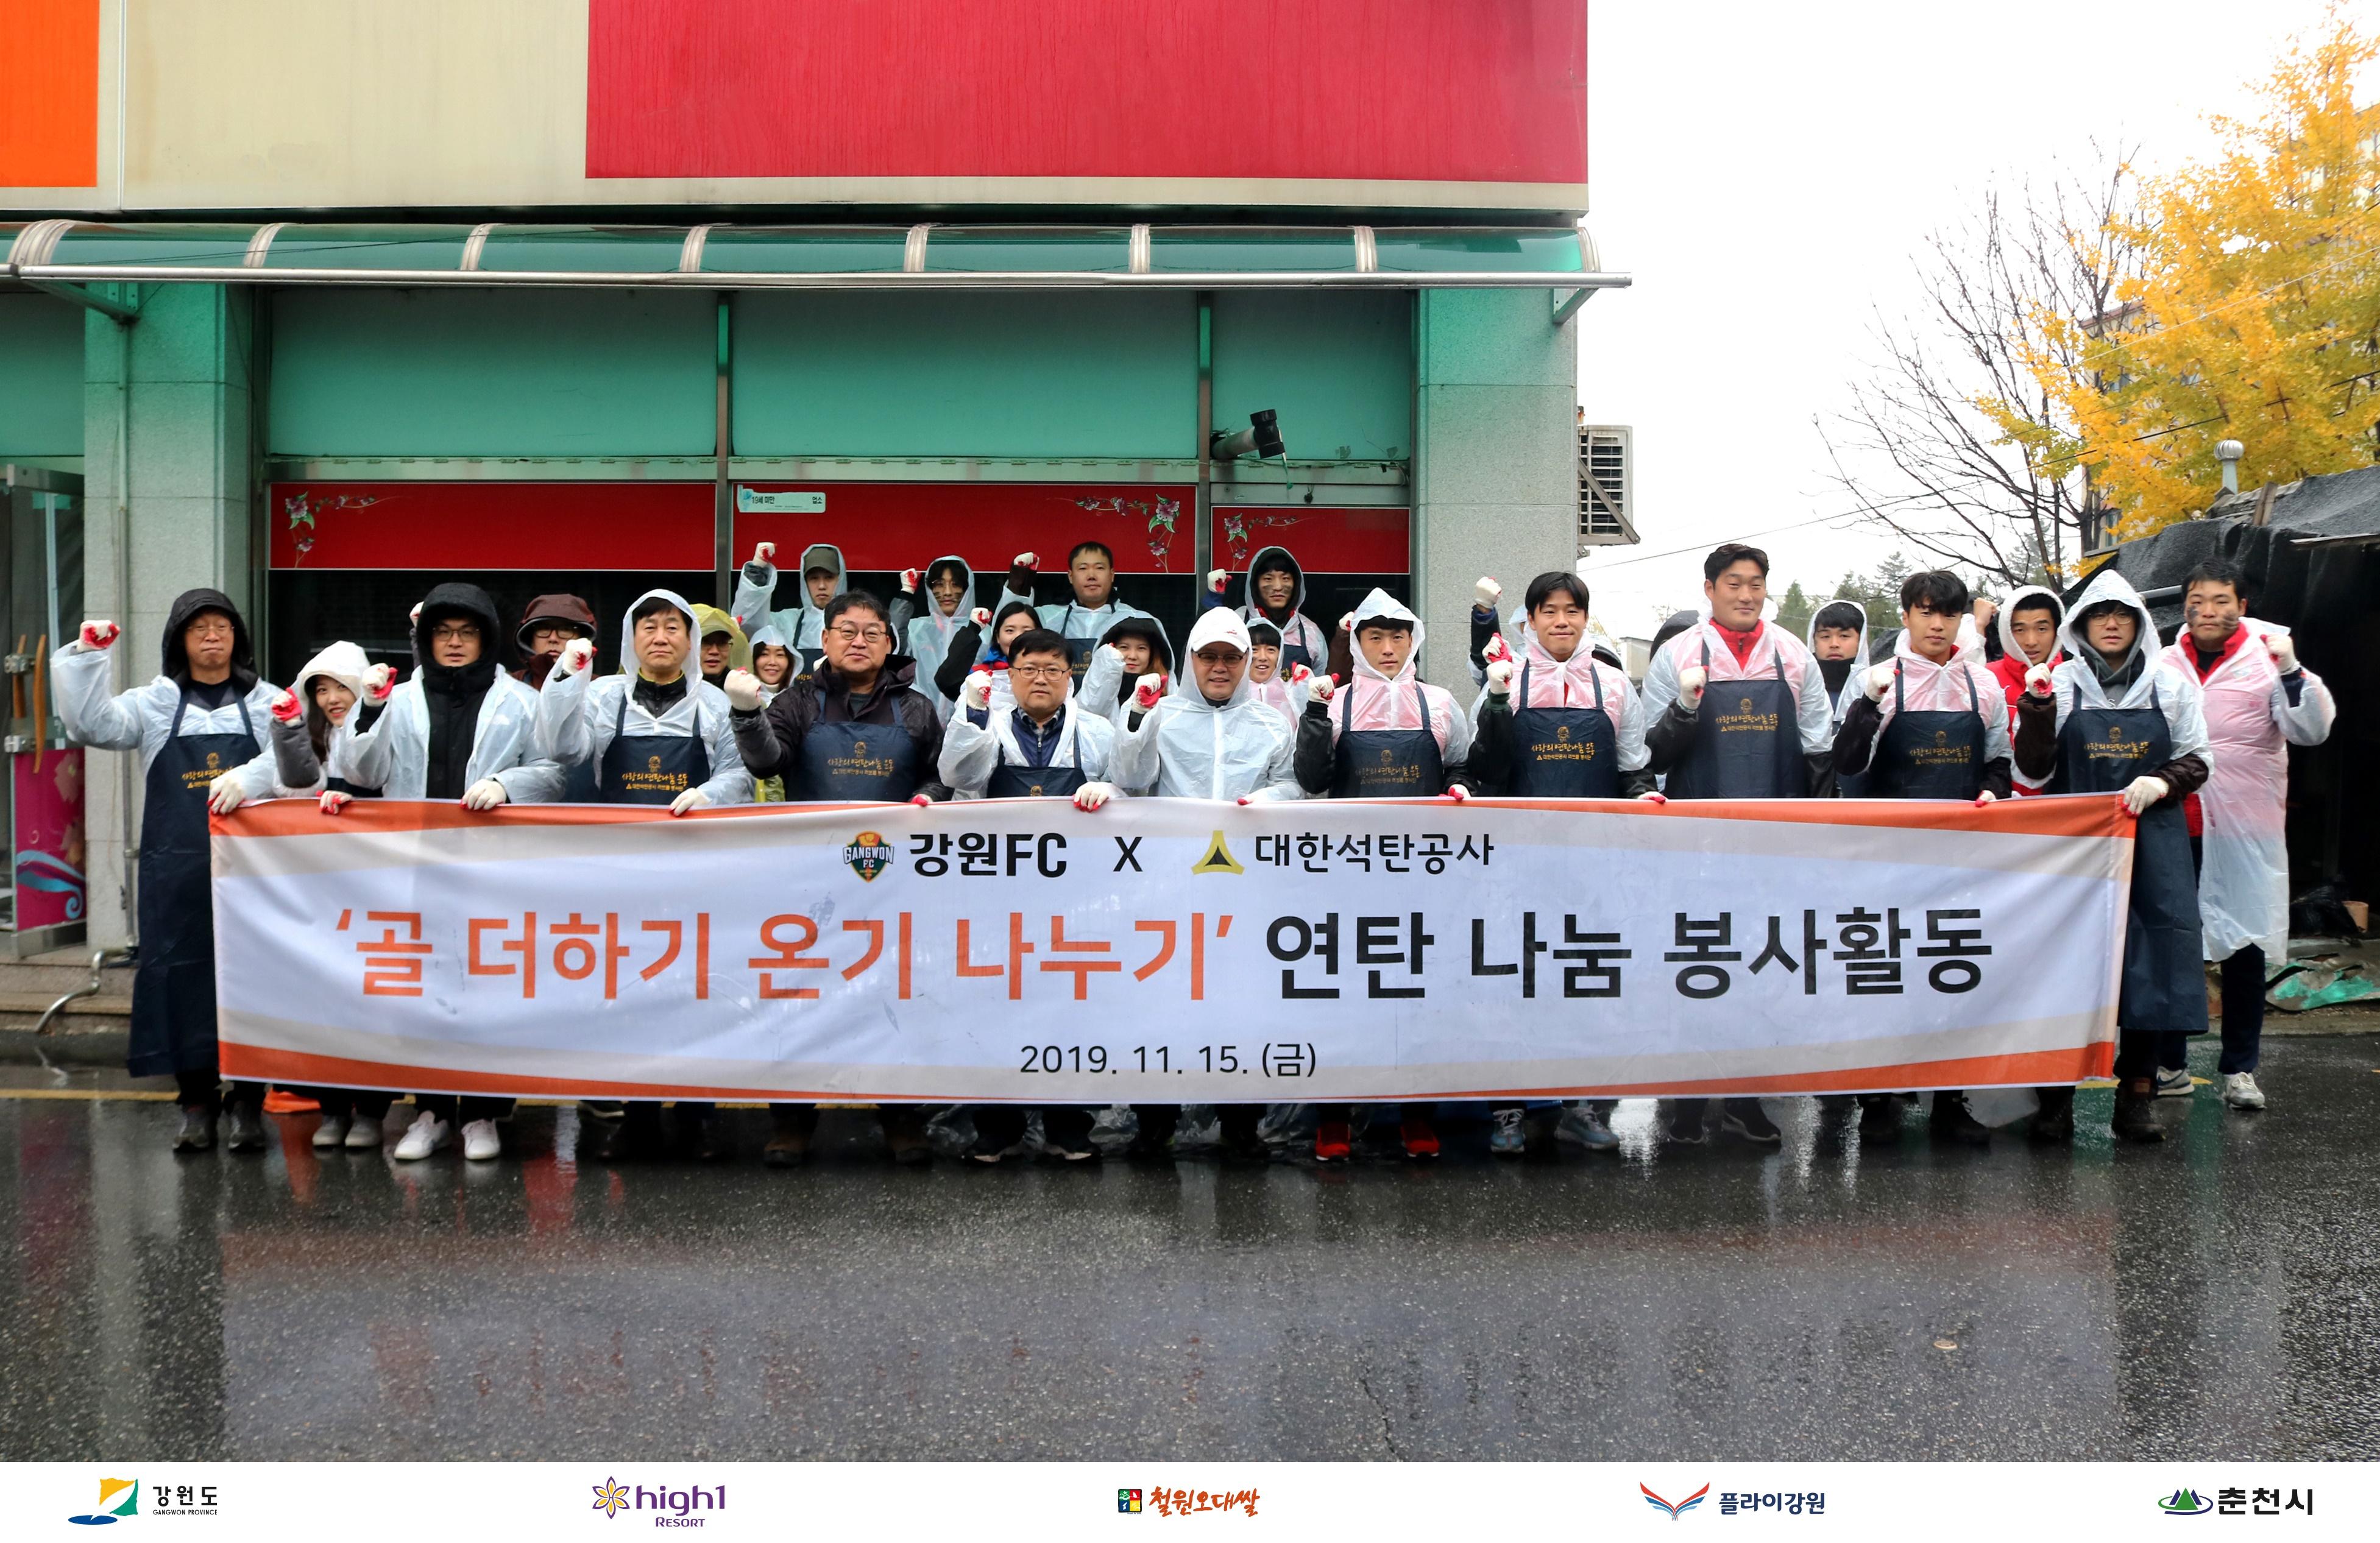 '골 더하기 온기 나누기' 강원FC, 연탄 나눔 봉사 진행